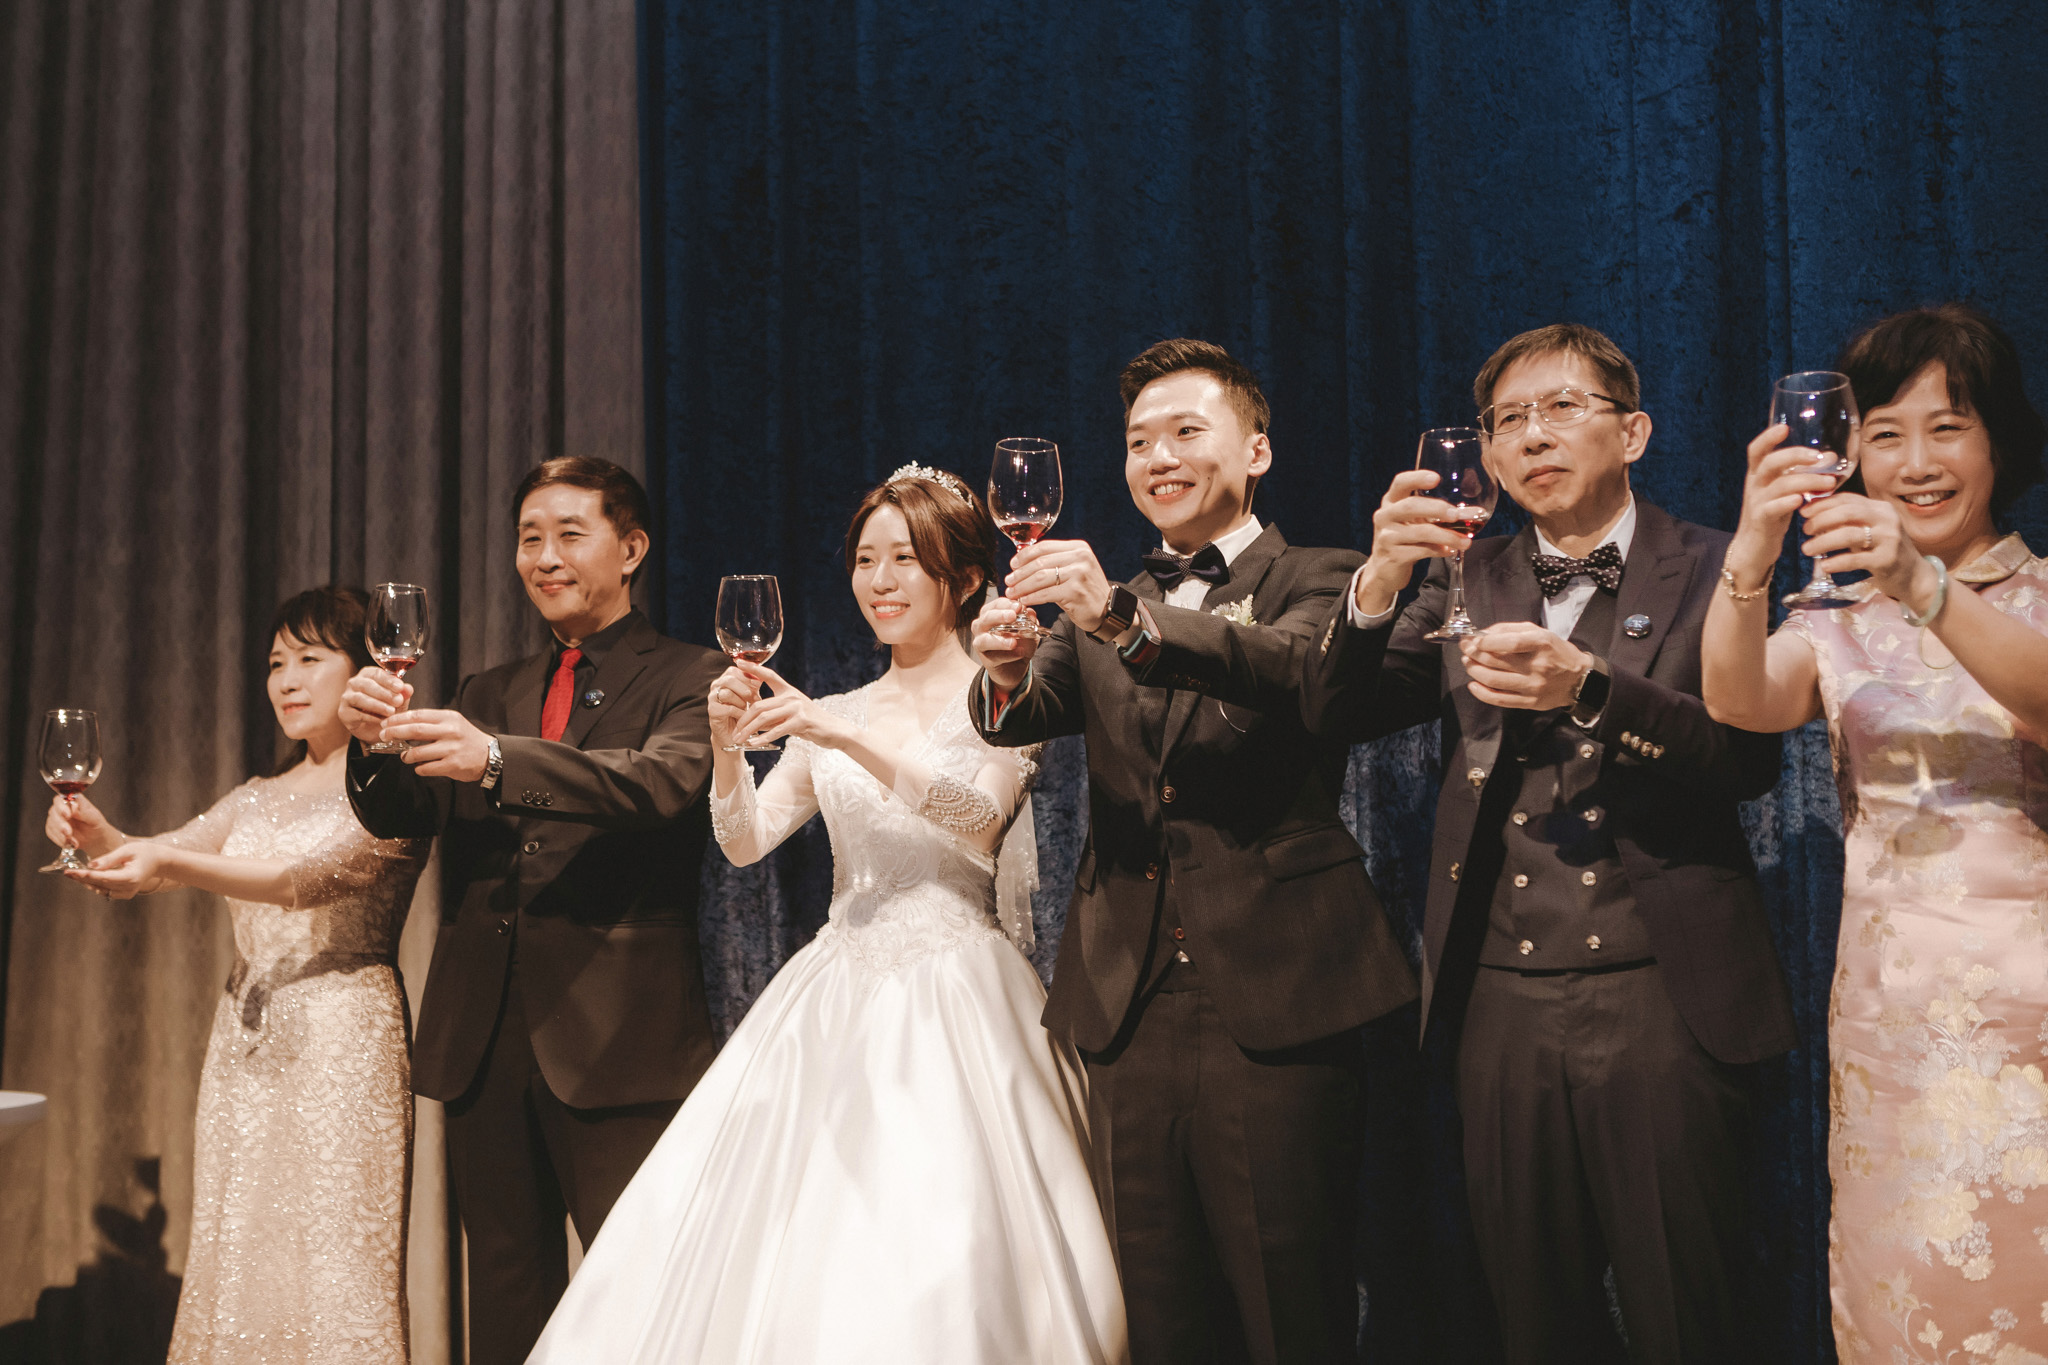 EW 居米 台北婚宴 台北婚紗 台北婚攝 國泰萬怡 台北婚禮 -38